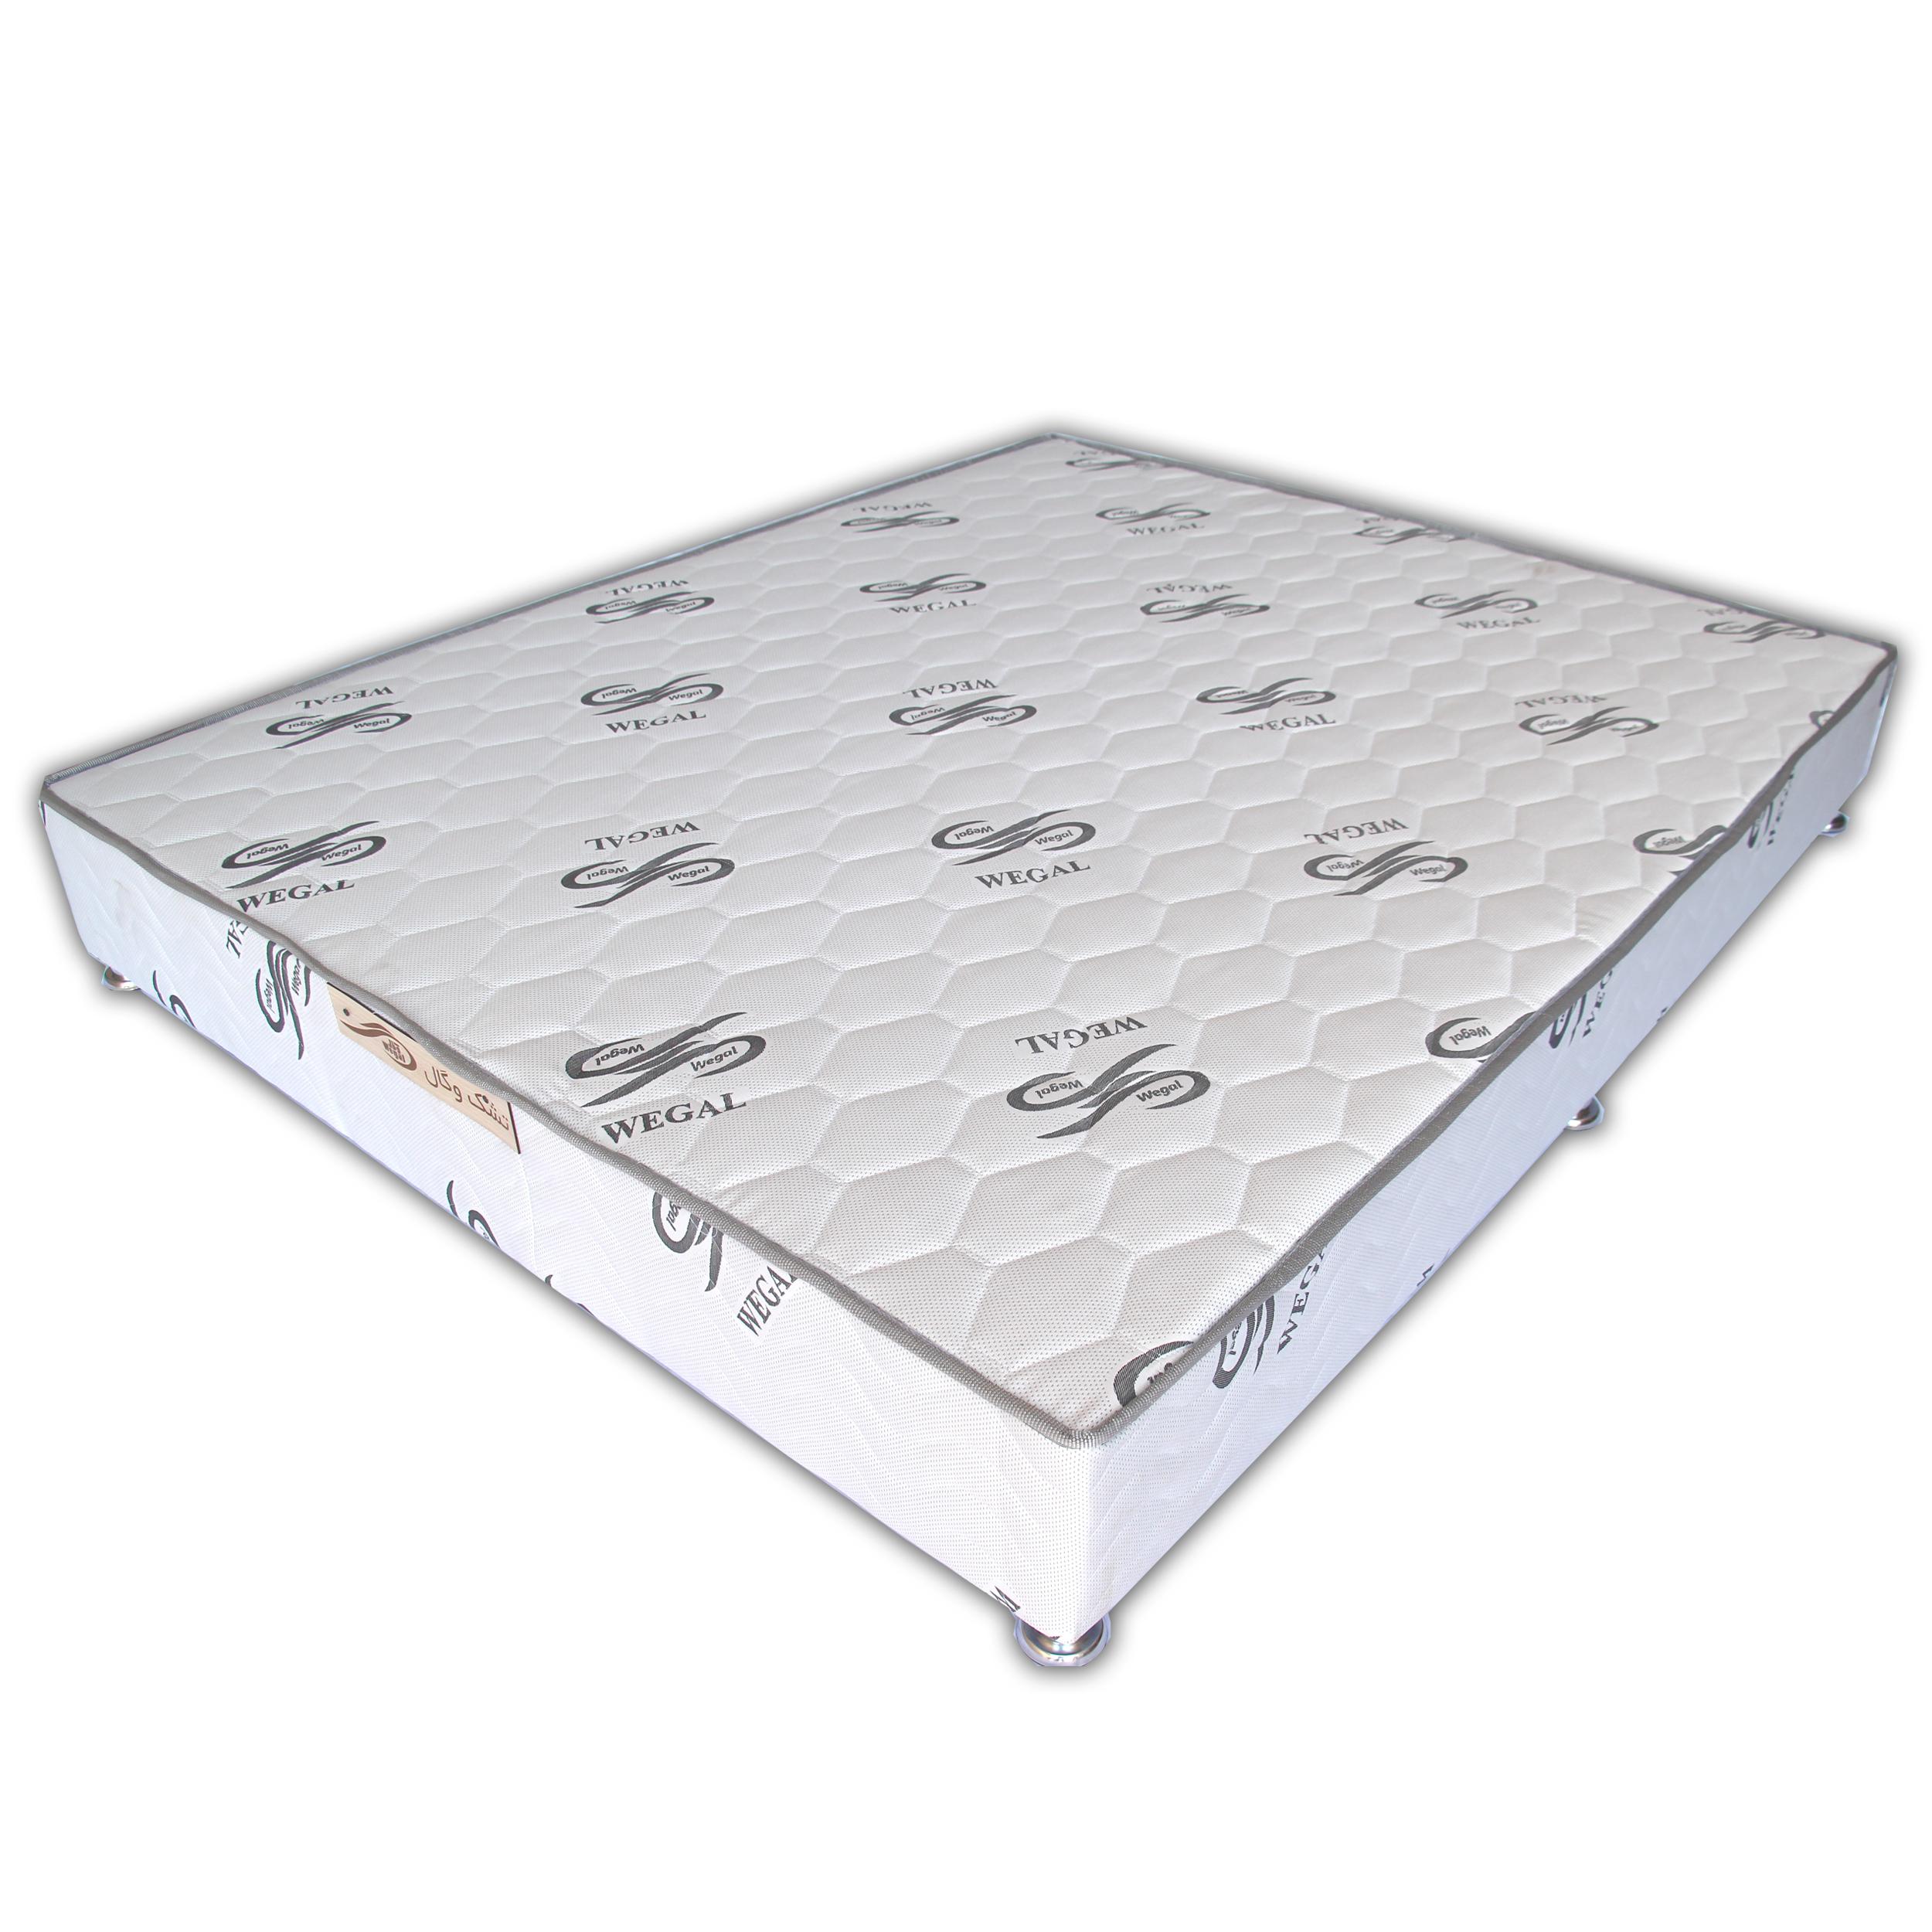 تخت خواب دو نفره وگال مدل BOX140 سایز 200×140 سانتیمتر